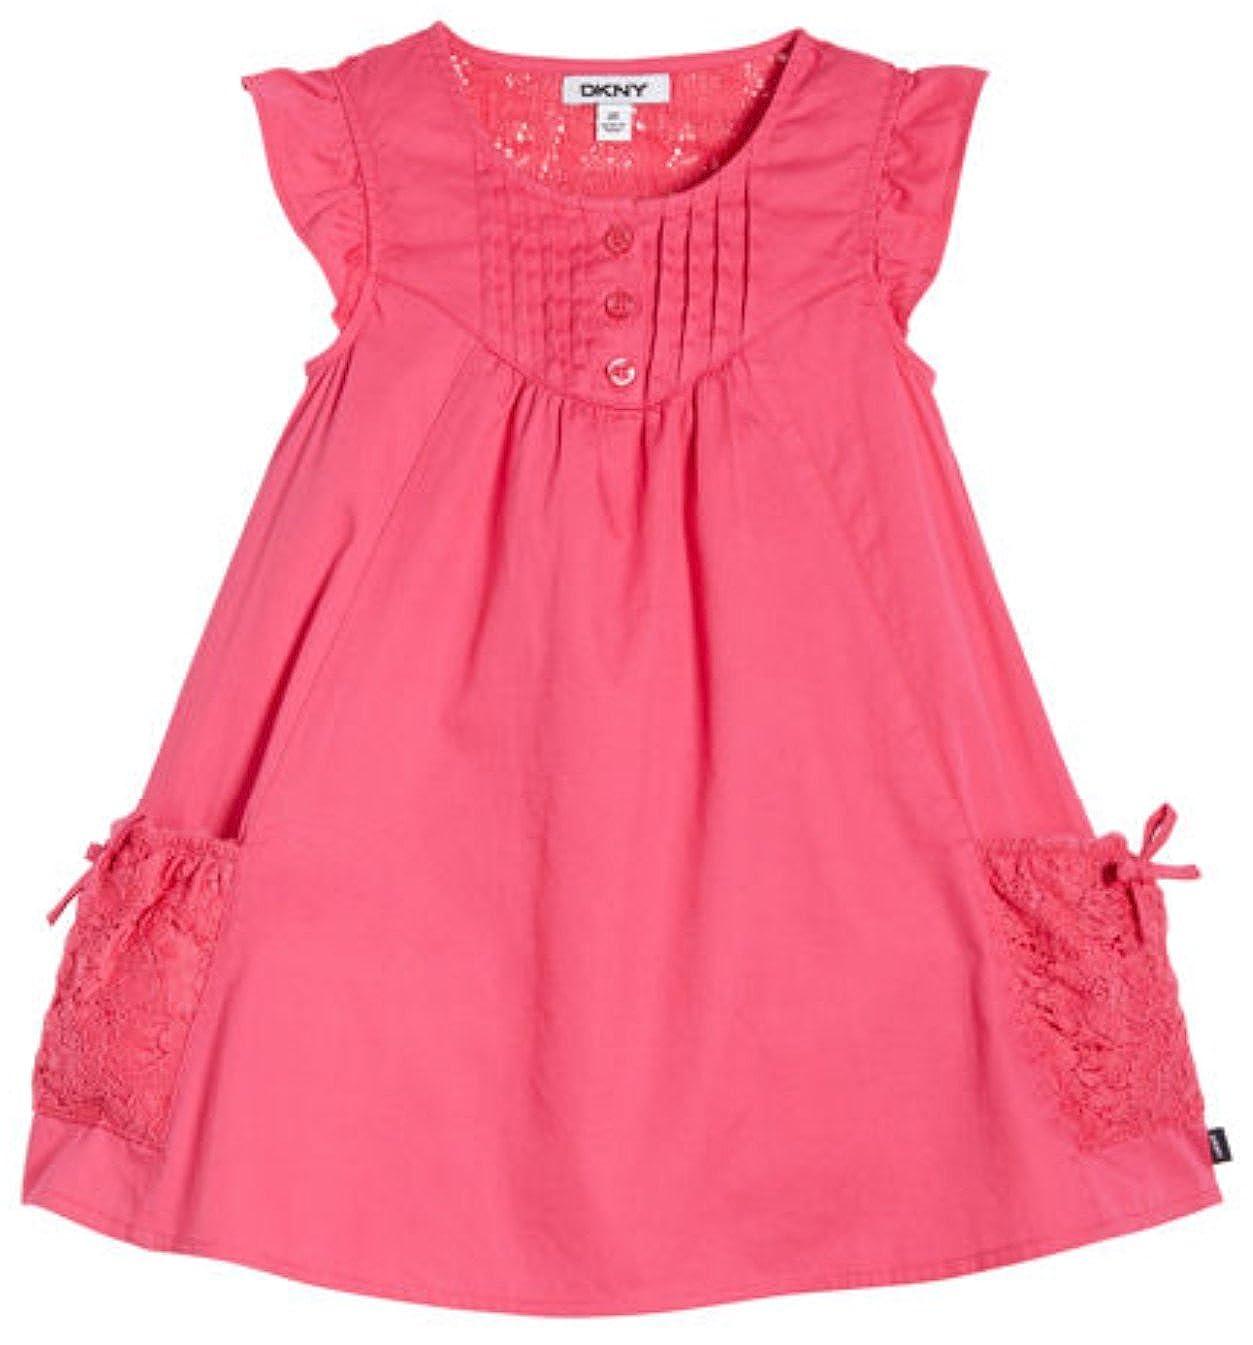 Dkny Little Girls Cottonlace Dress 6 Fuchsia At Amazon